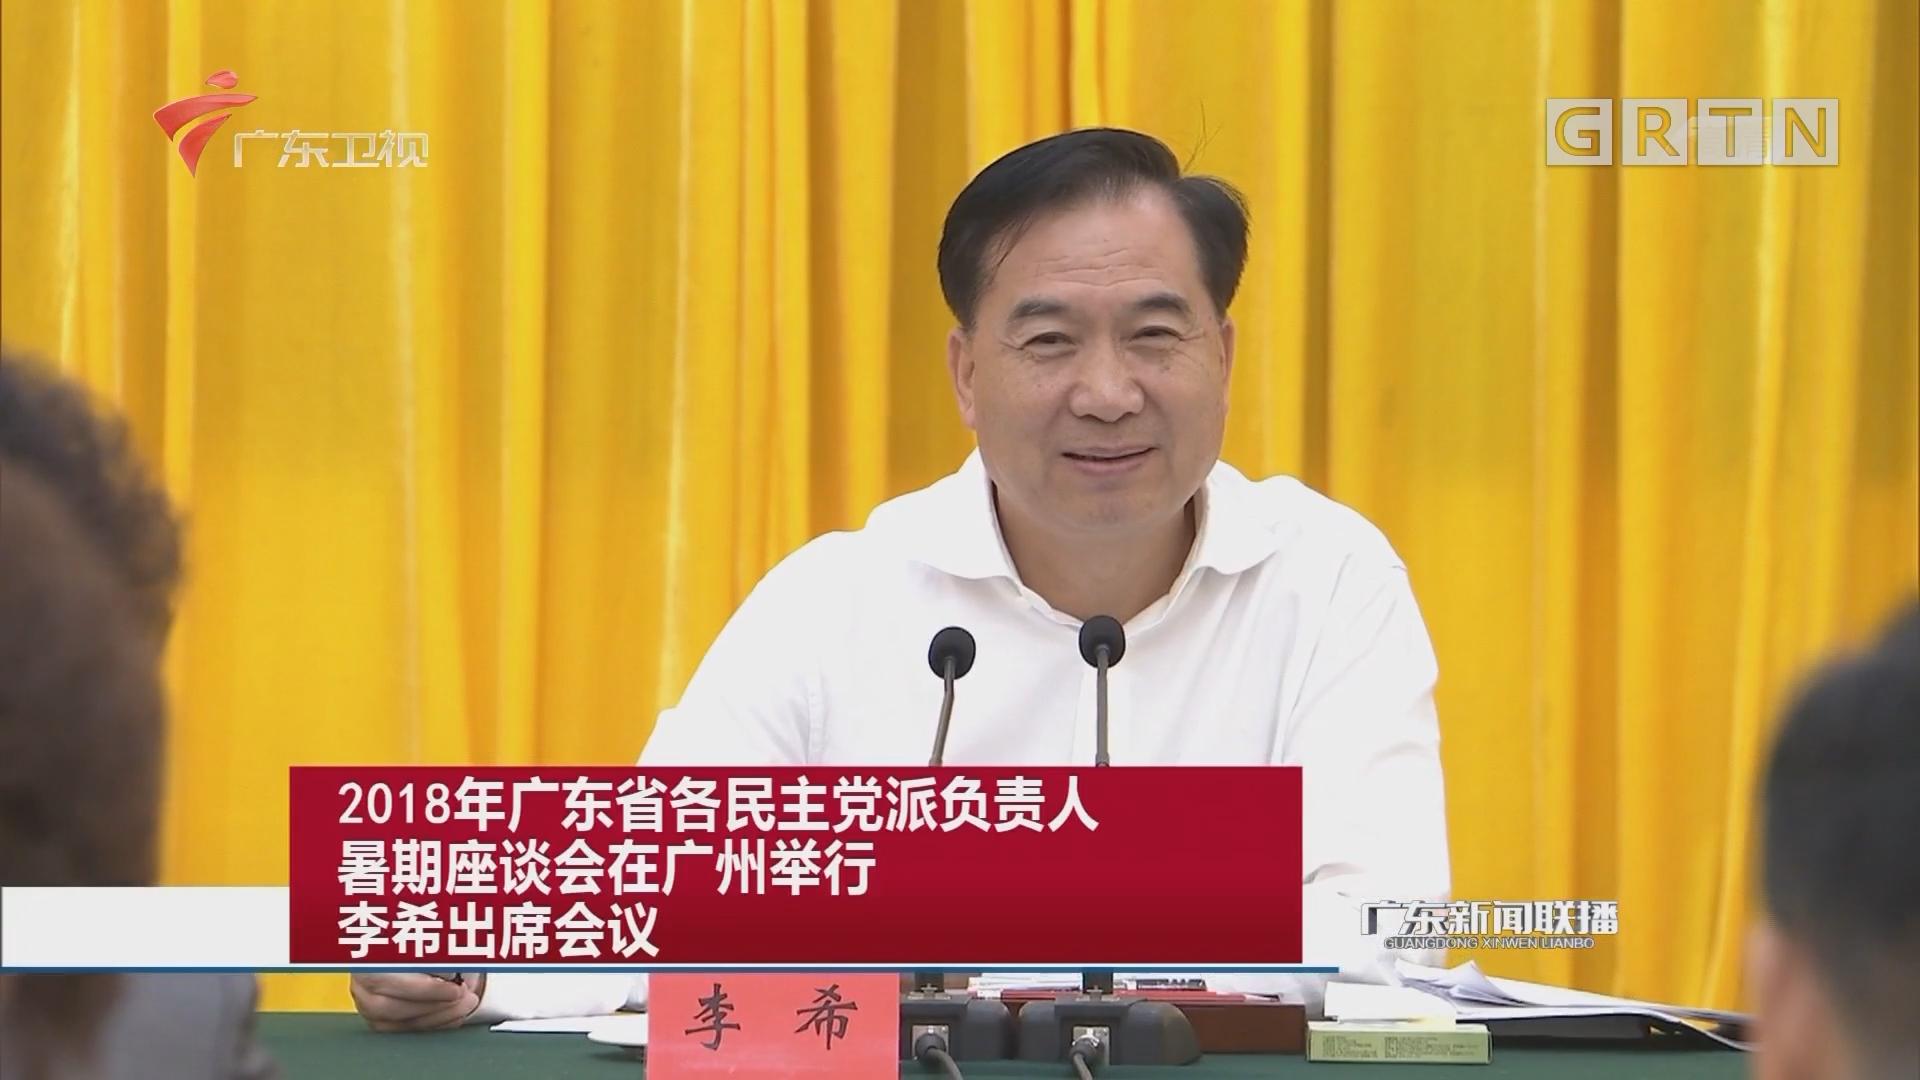 2018年广东省各民主党派负责人暑期座谈会在广州举行 李希出席会议